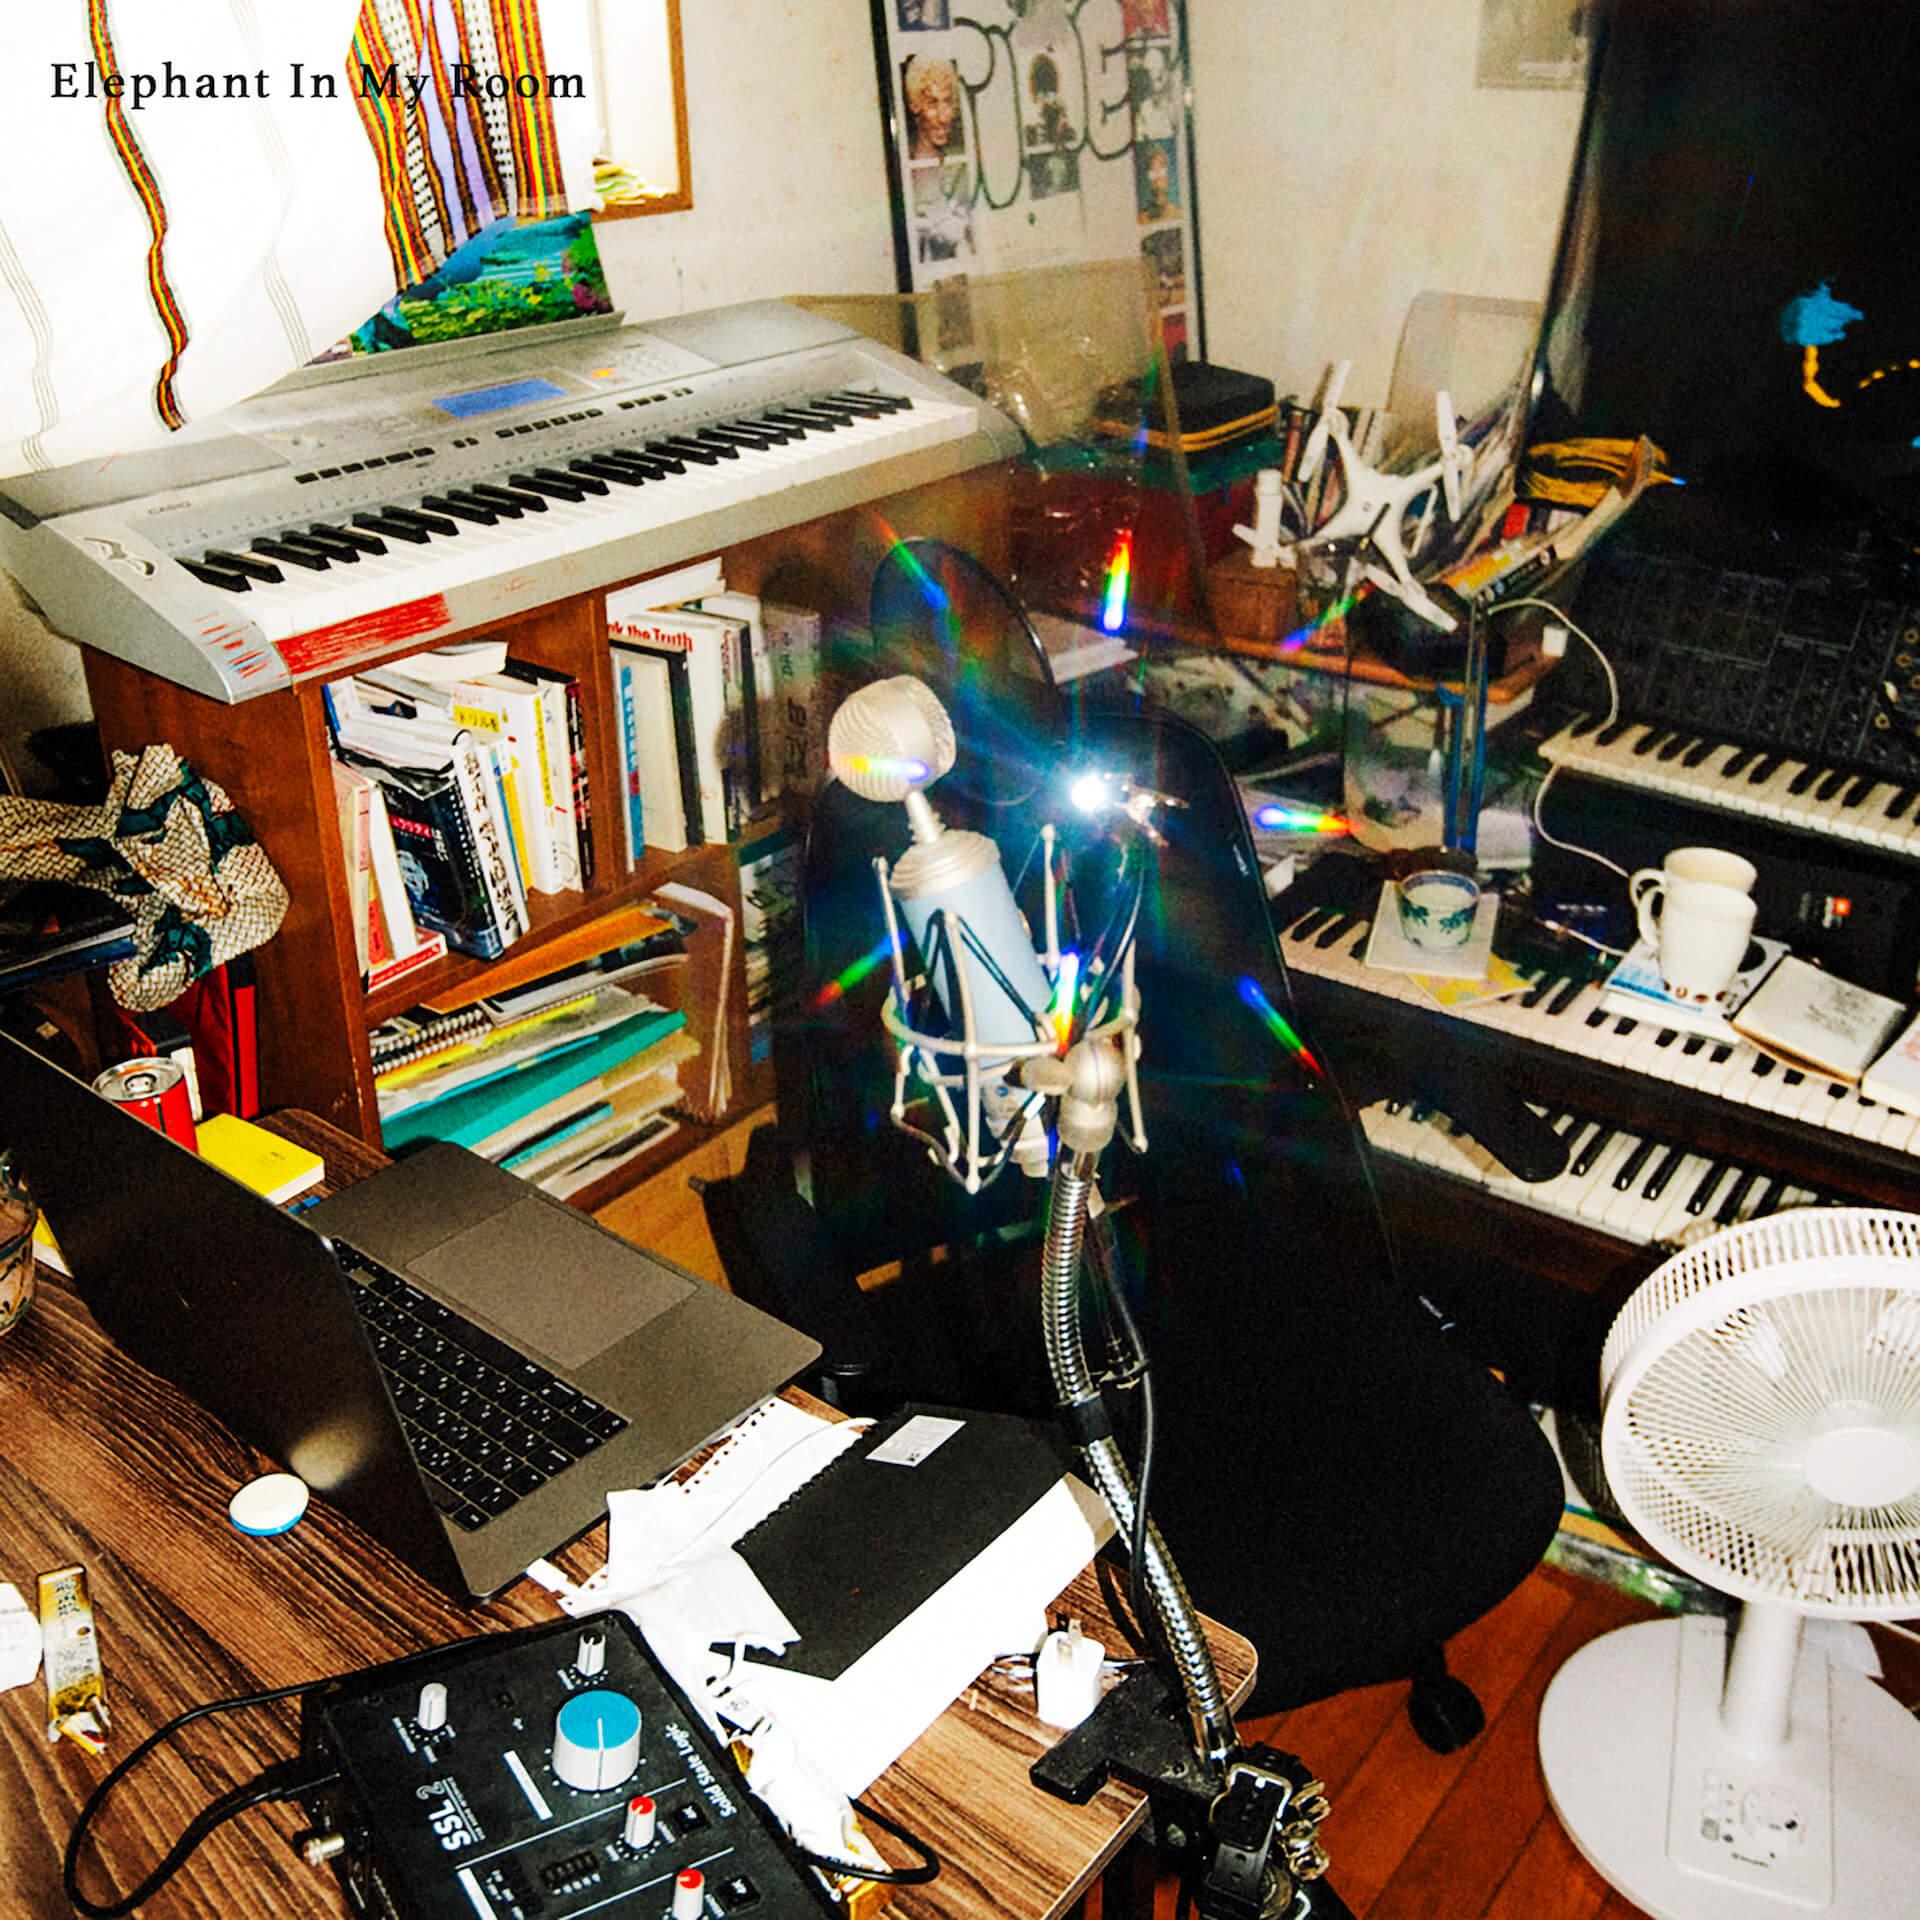 Daichi Yamamoto、本日リリースの最新EP『Elephant In My Room』からYuki Horiが監督した「Blueberry」MVを公開 music200805_daichiyamamoto_2